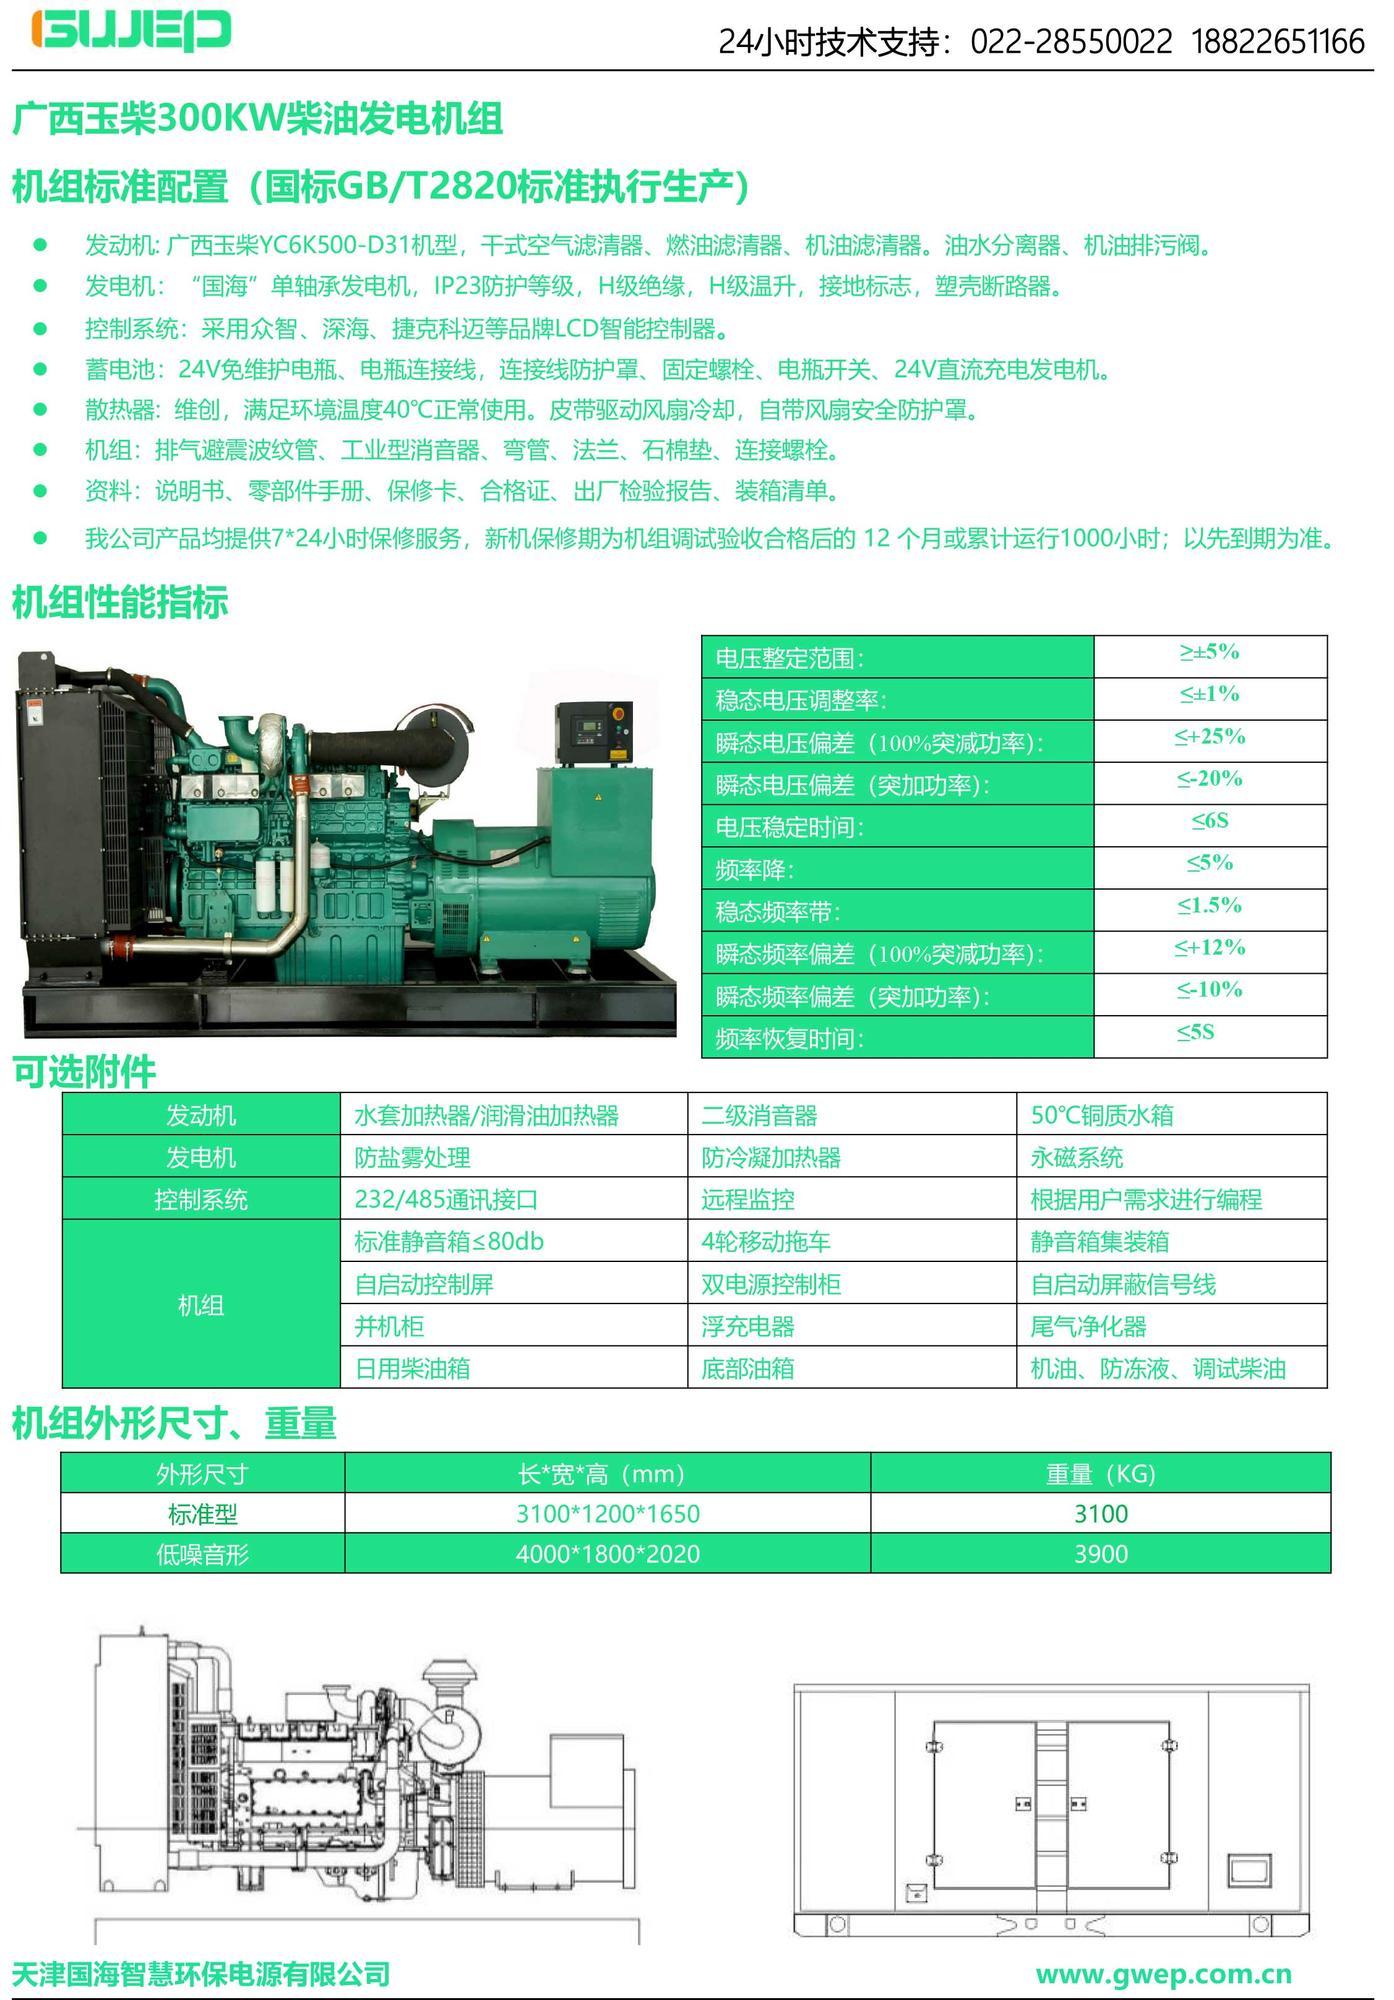 玉柴300KW发电机组技术资料-1.jpg